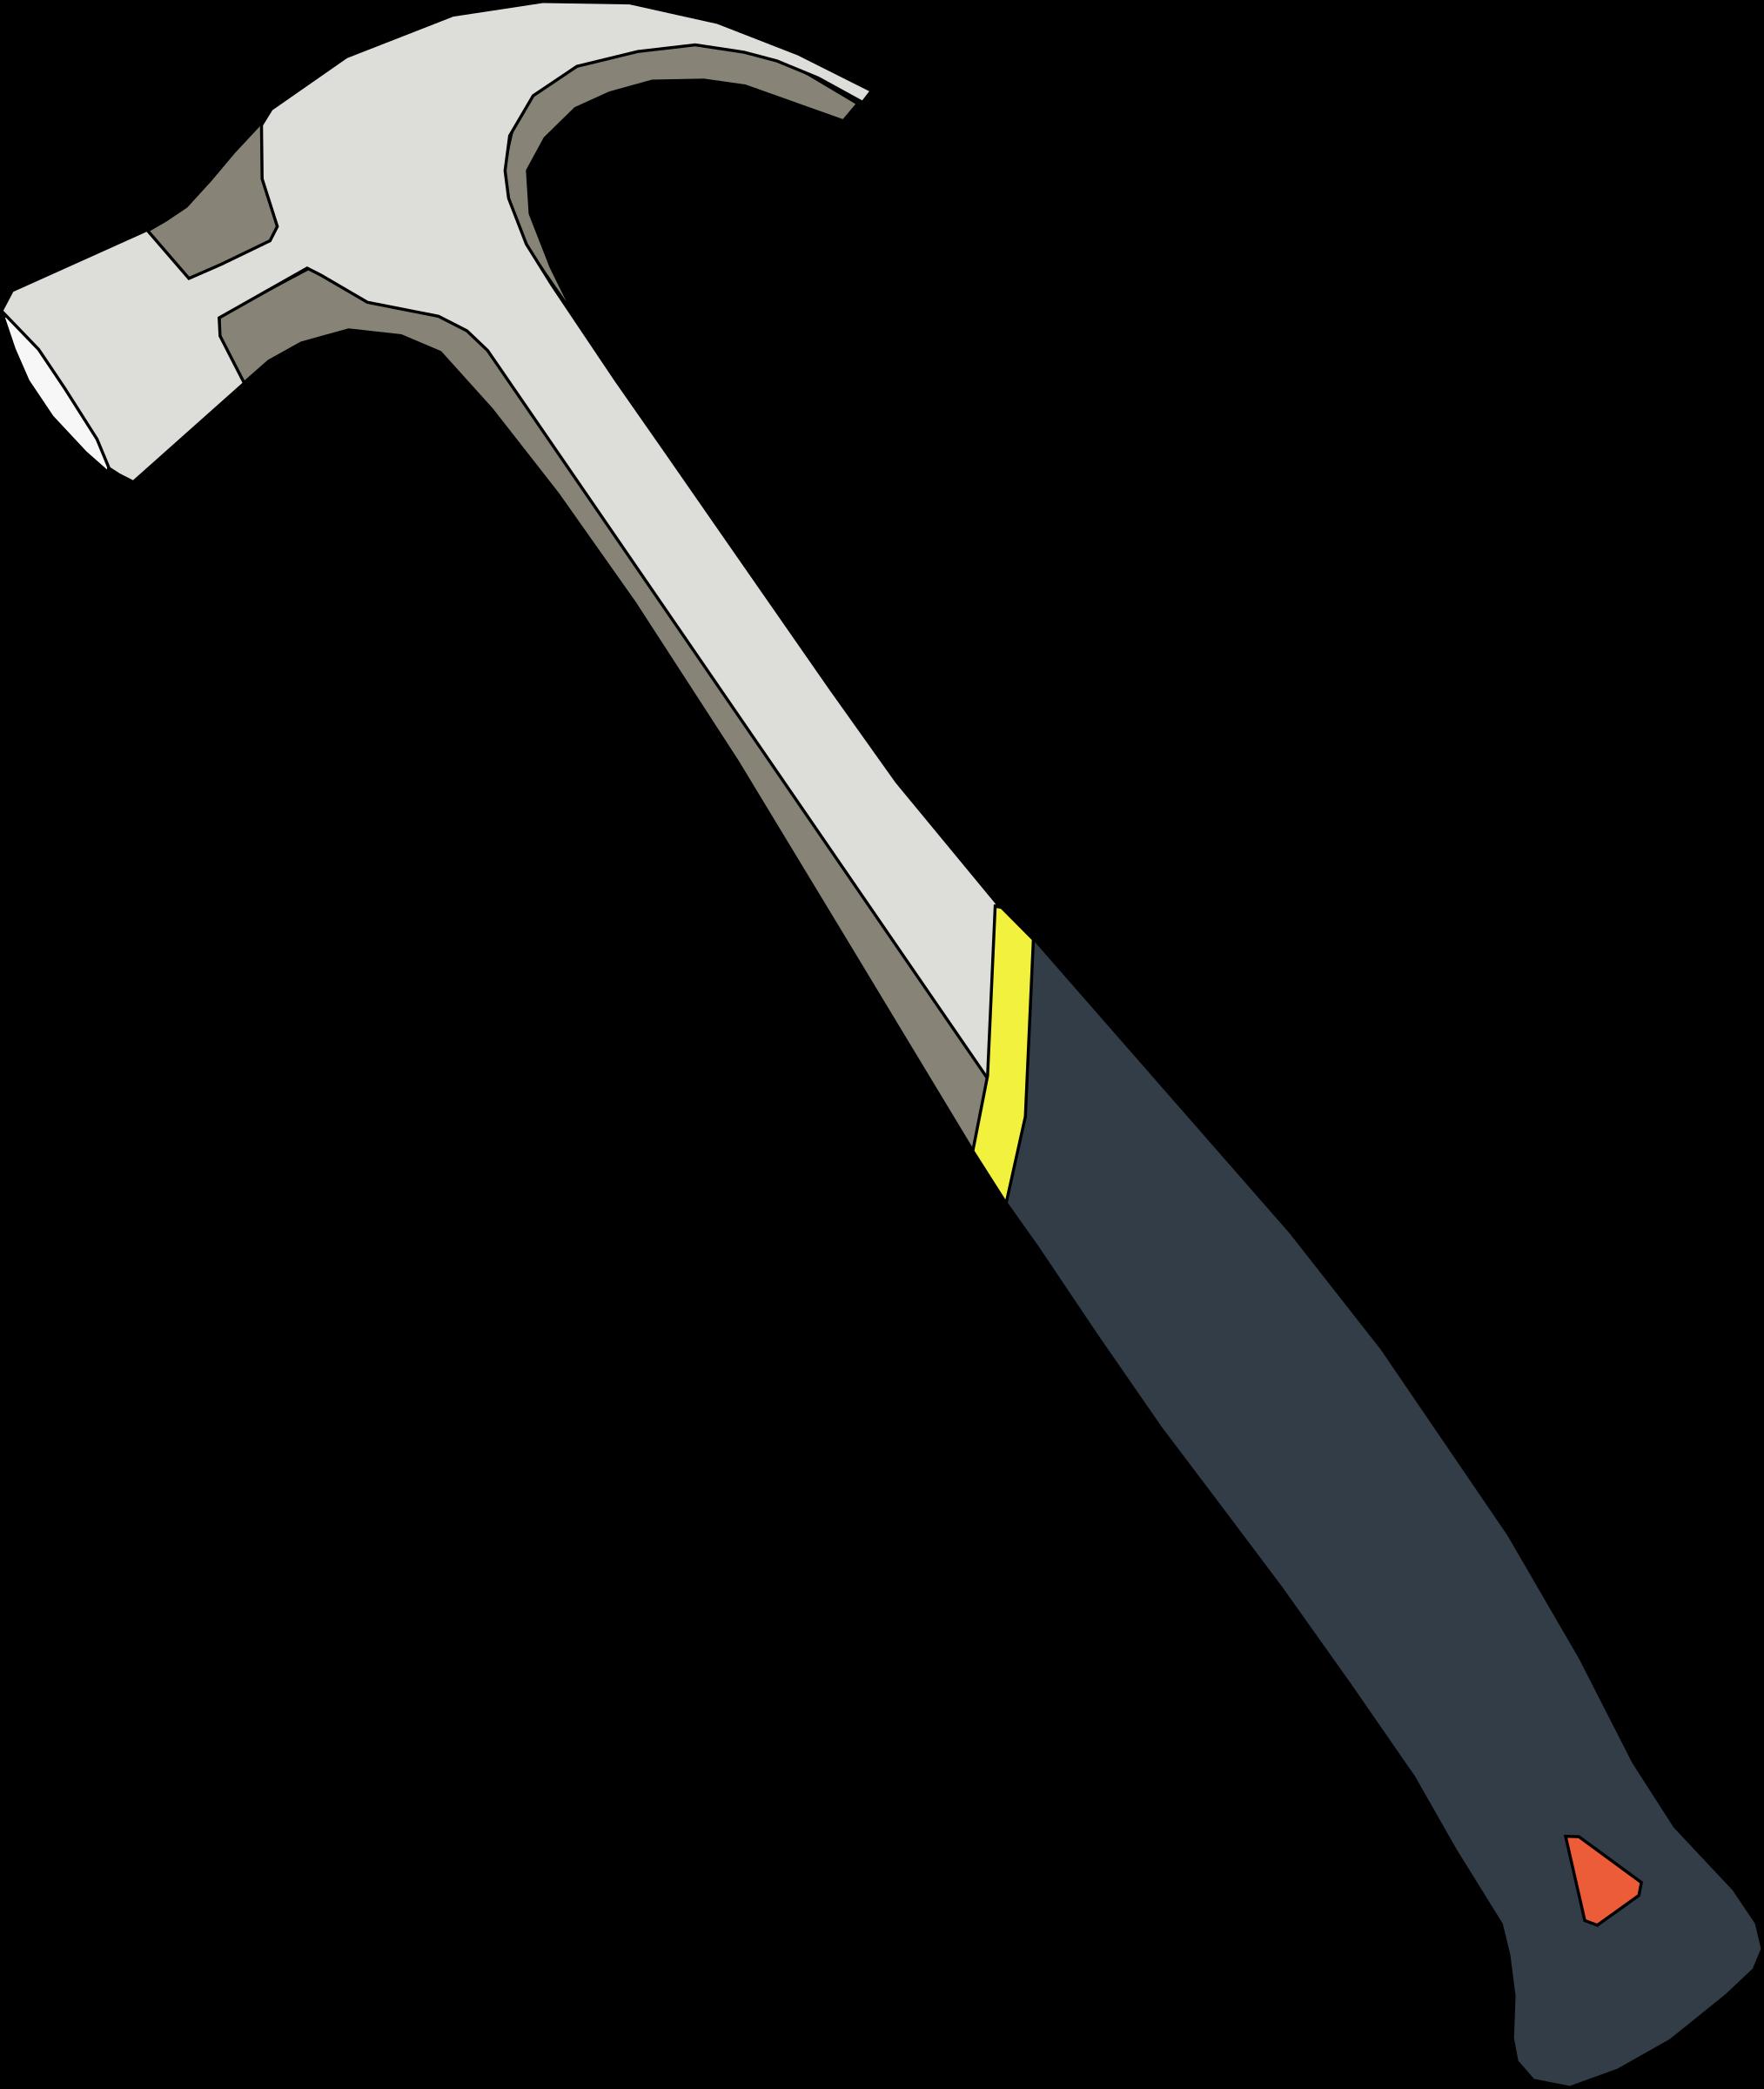 Vector Illustration Hammer: Hammer Vector Clipart Image